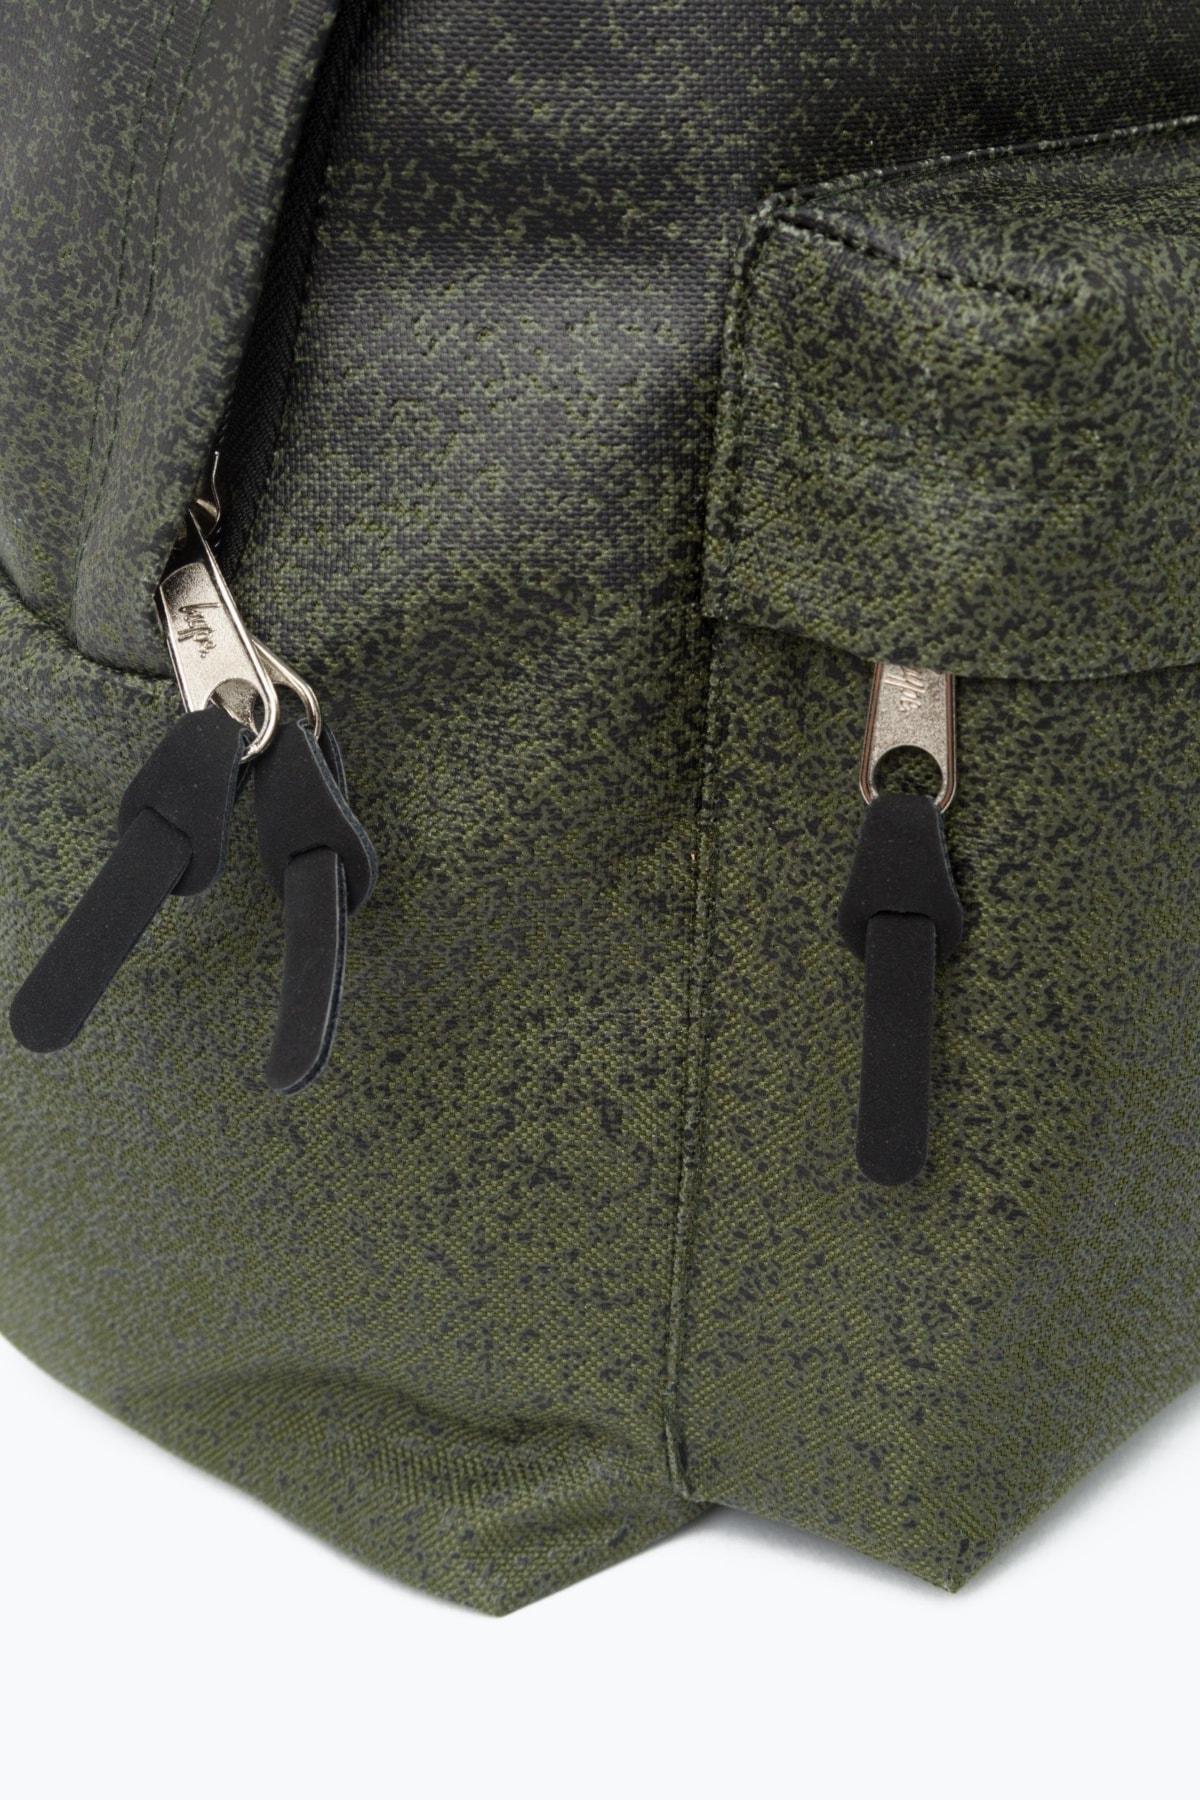 HYPE Khaki/Black Fade Backpack